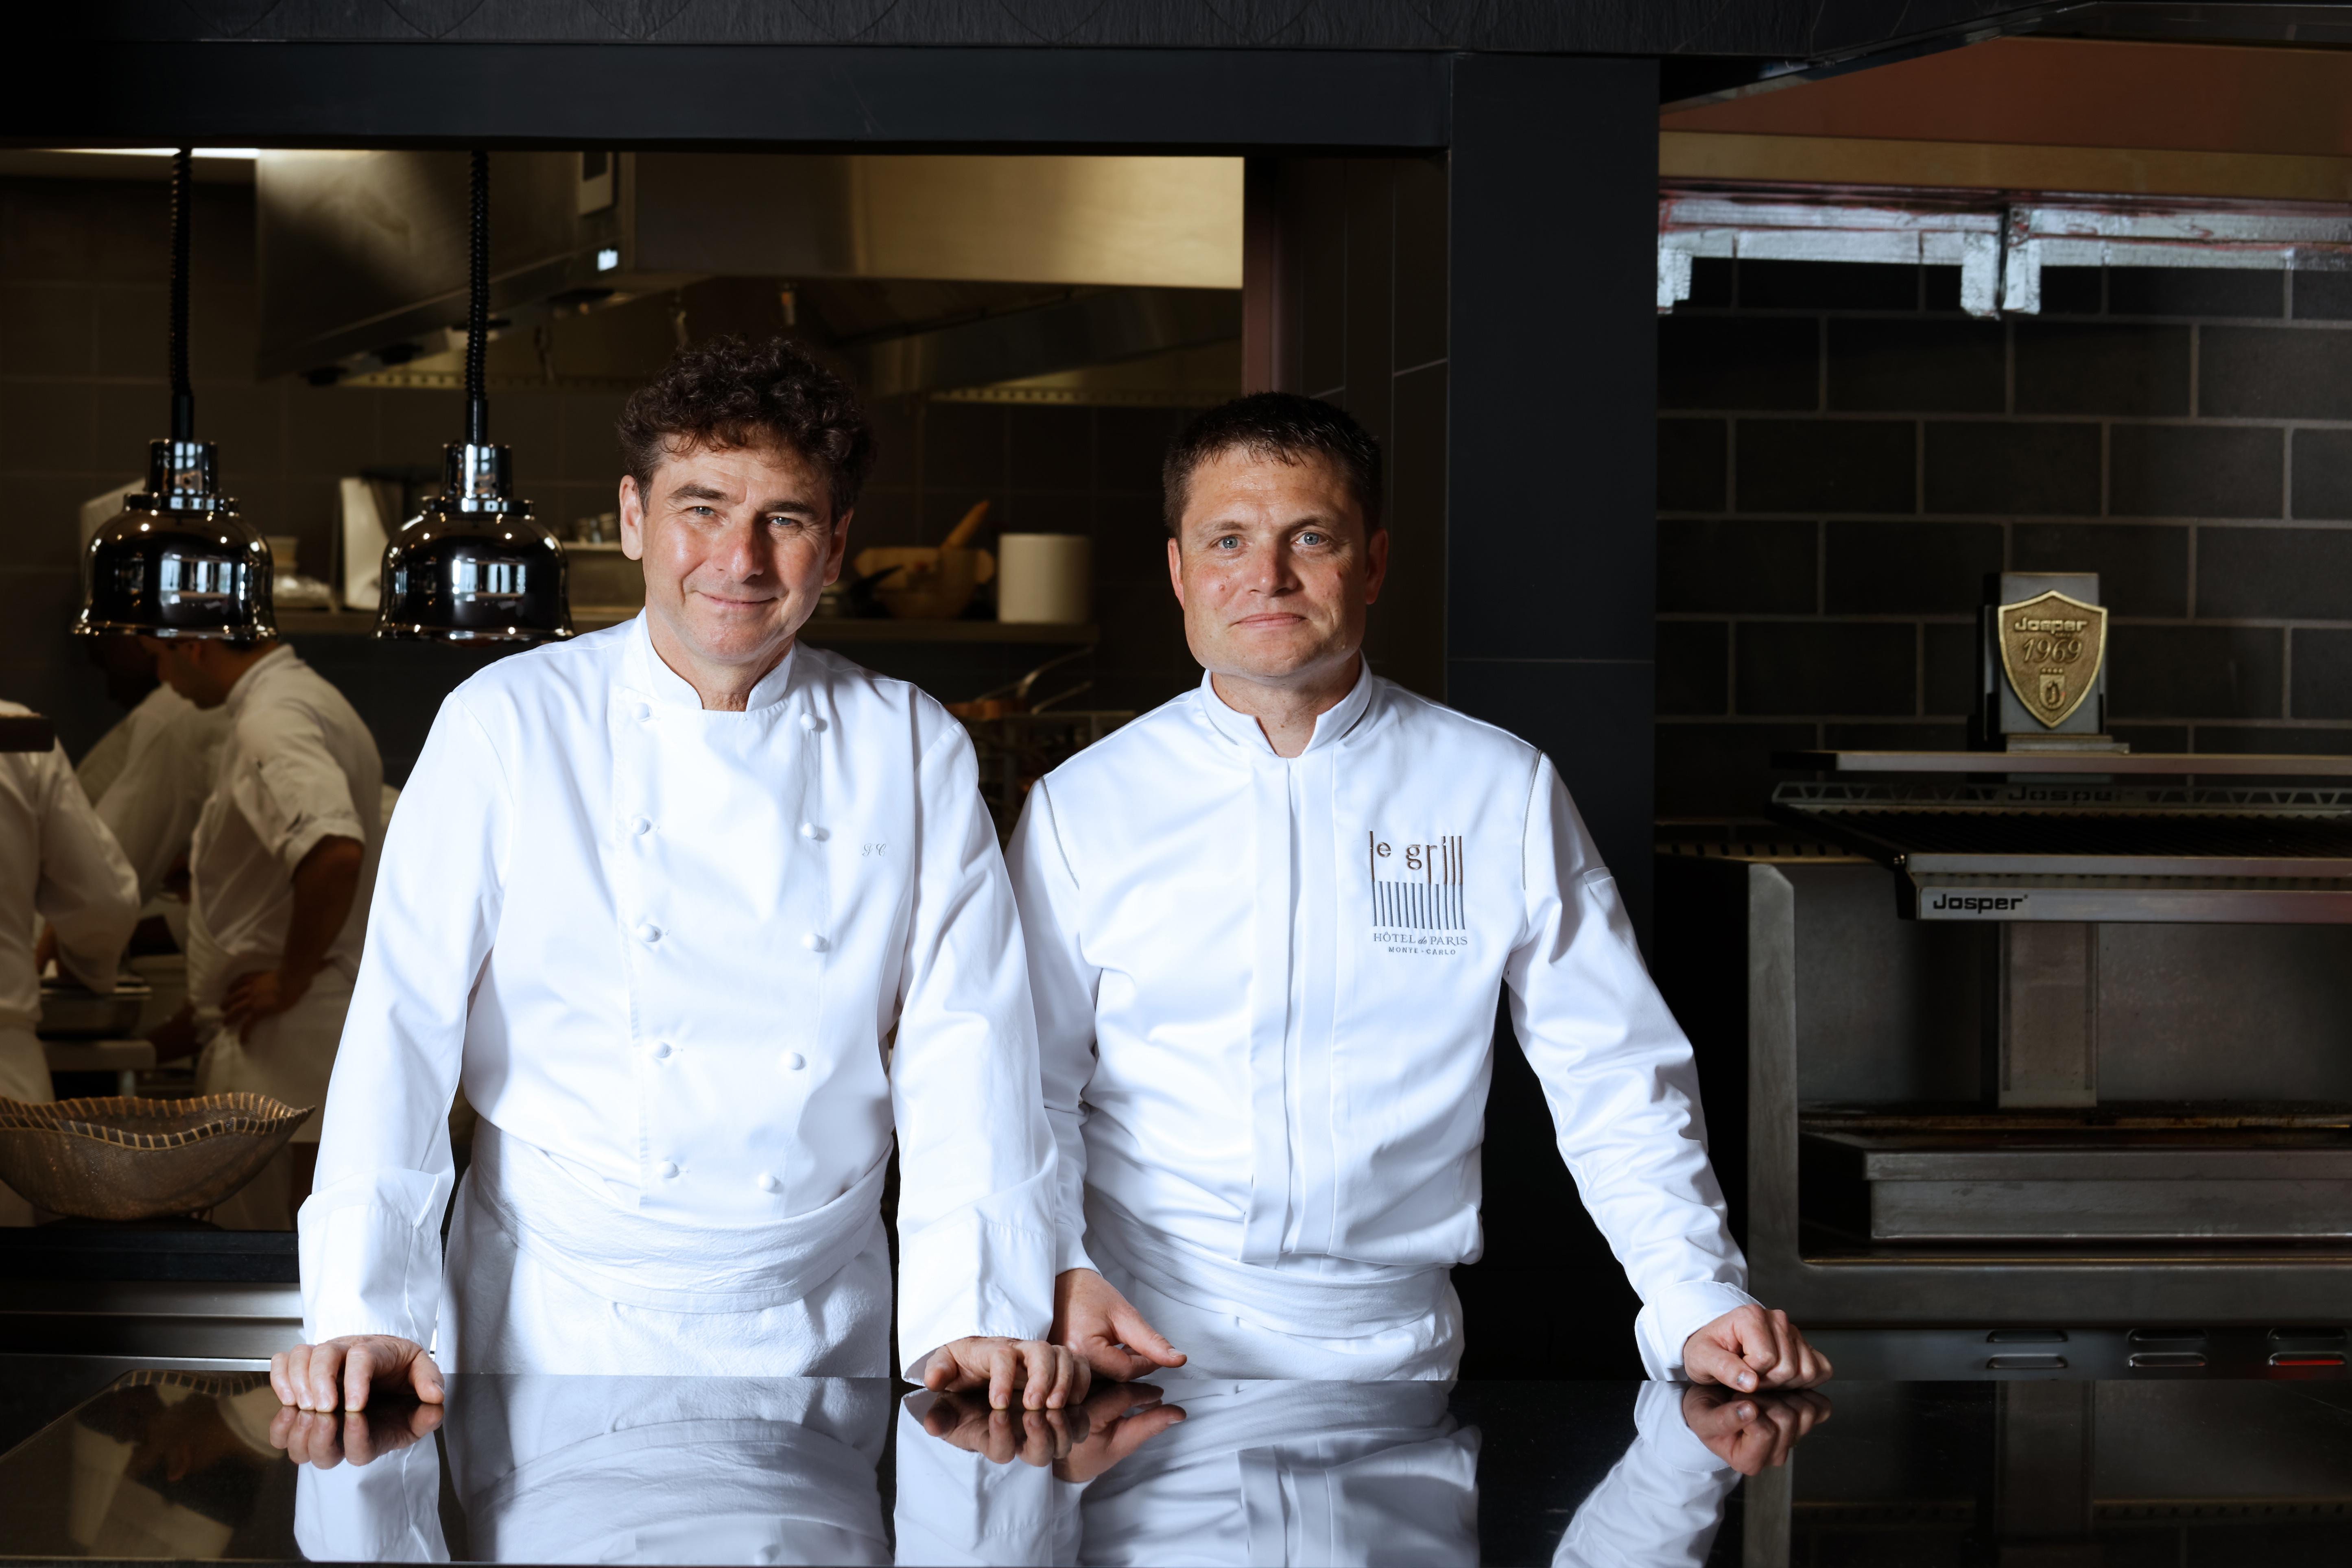 Ресторан Le Grill открылся после реконструкции